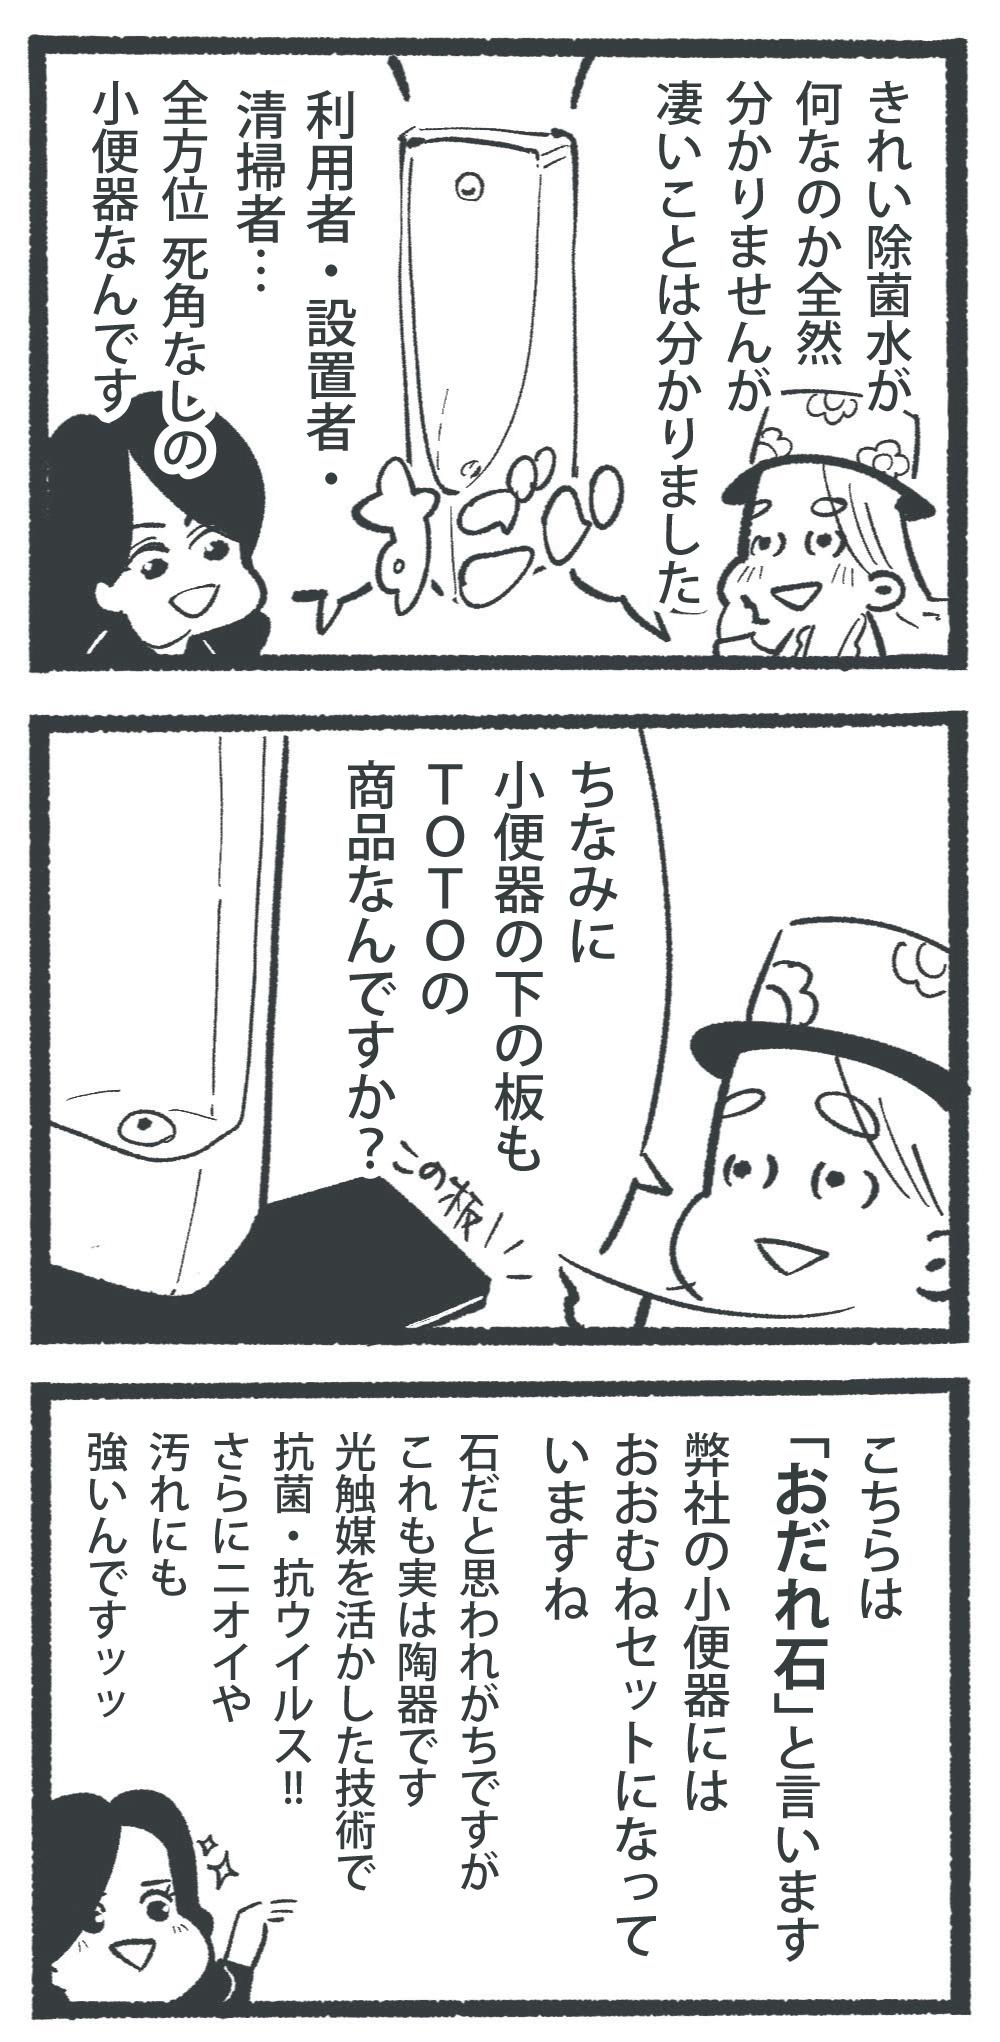 20181118_小便器_014_01